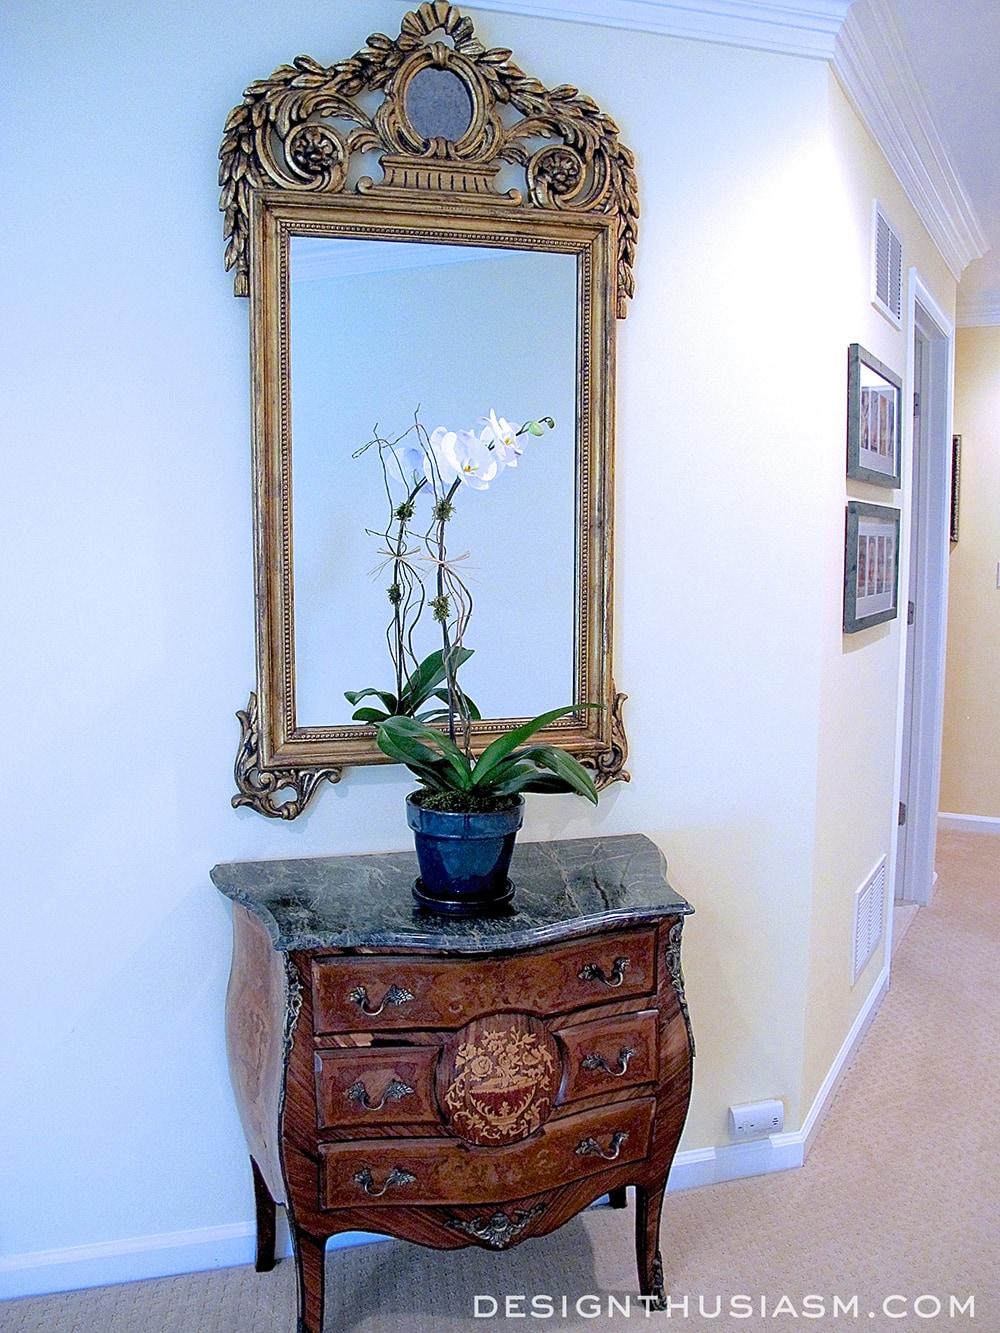 Upstairs Hallway - Designthusiasm.com